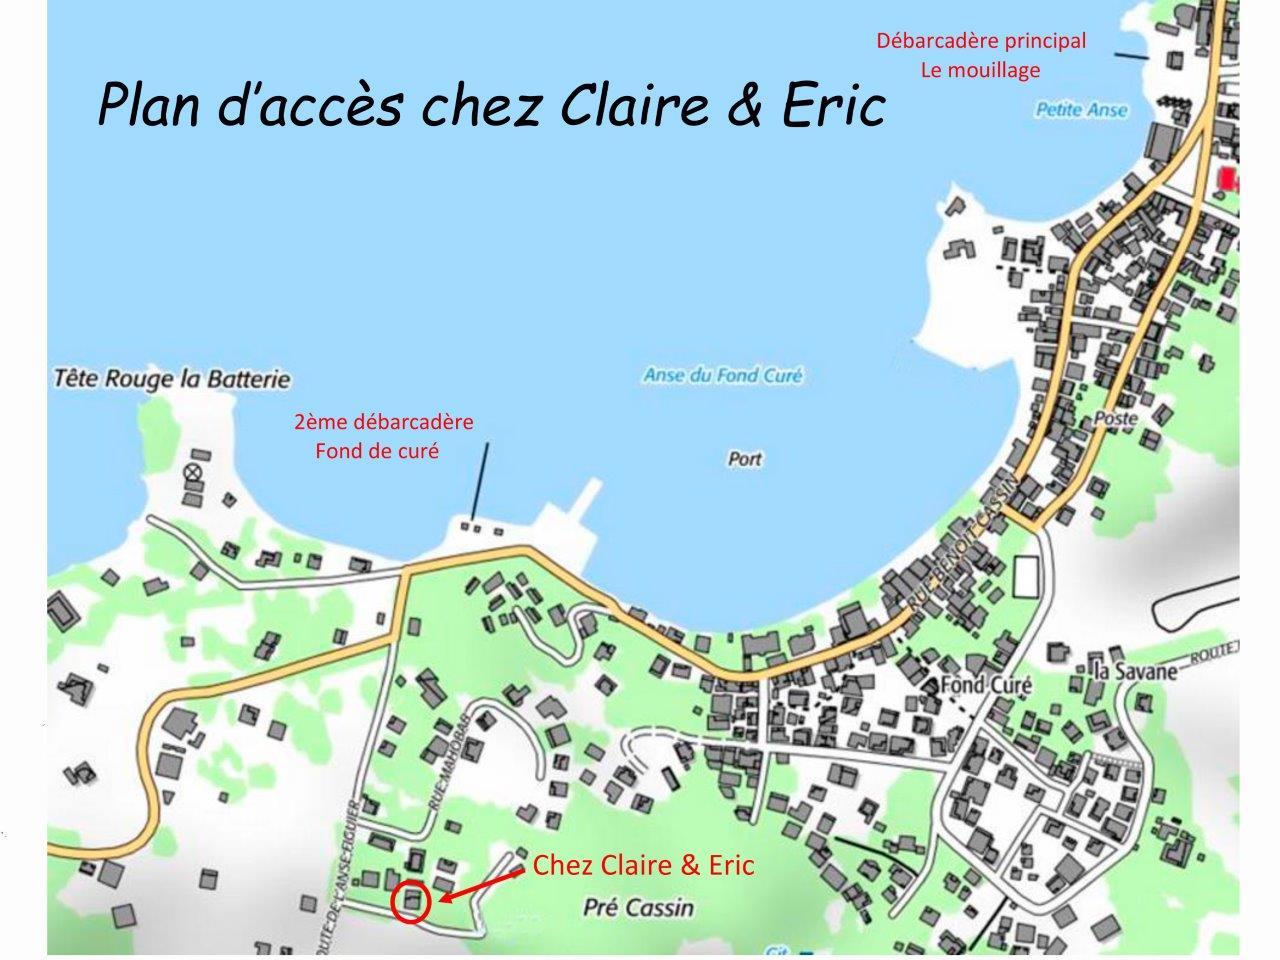 plan d'accèc chez Claire & Eric